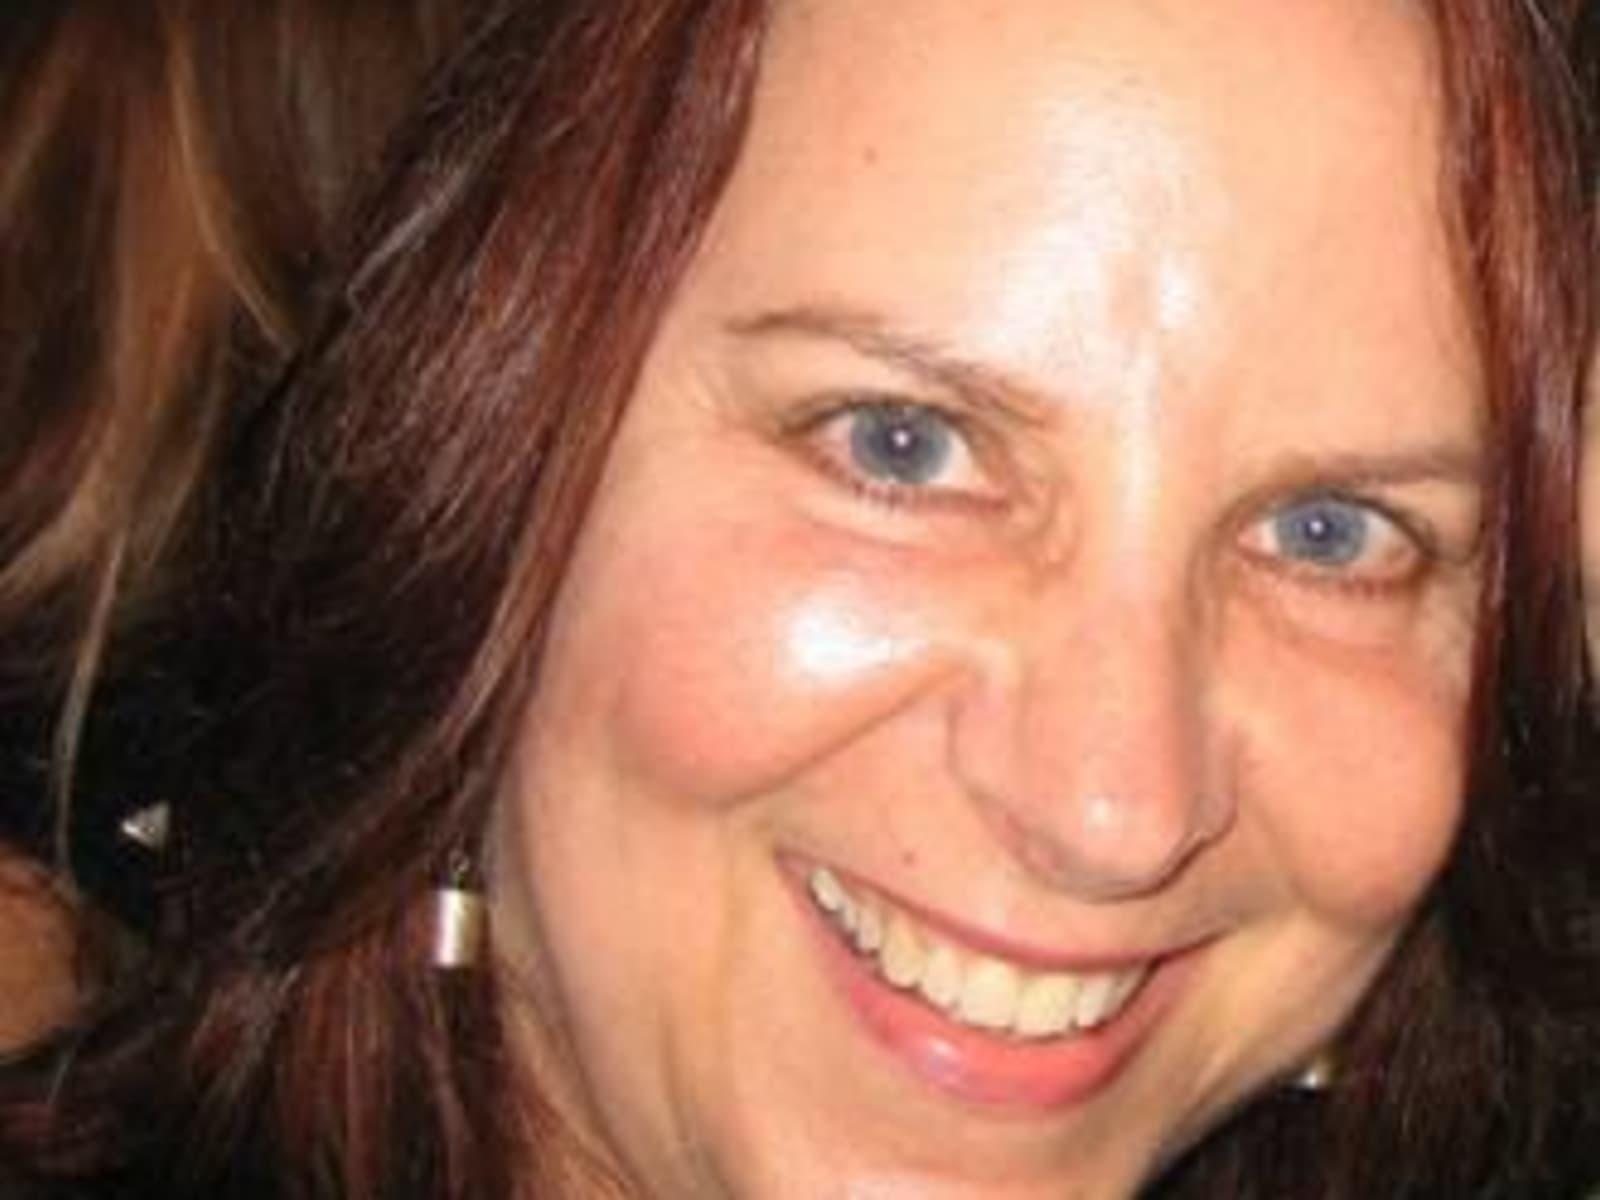 Cynthia from Philadelphia, Pennsylvania, United States